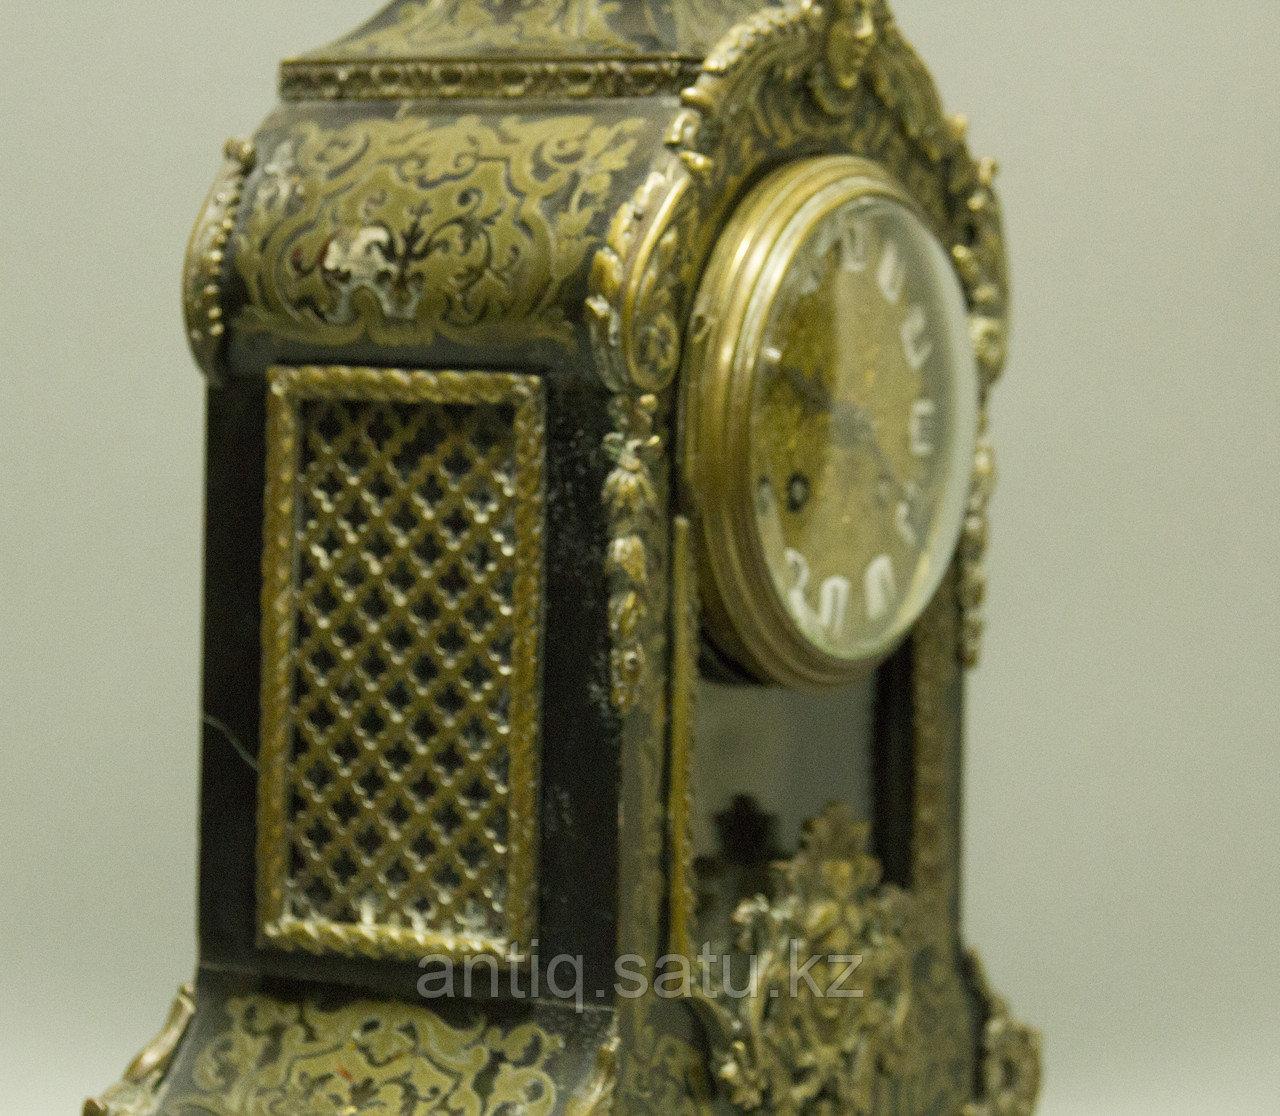 Кабинетные часы в стиле Людовика XIV - фото 3